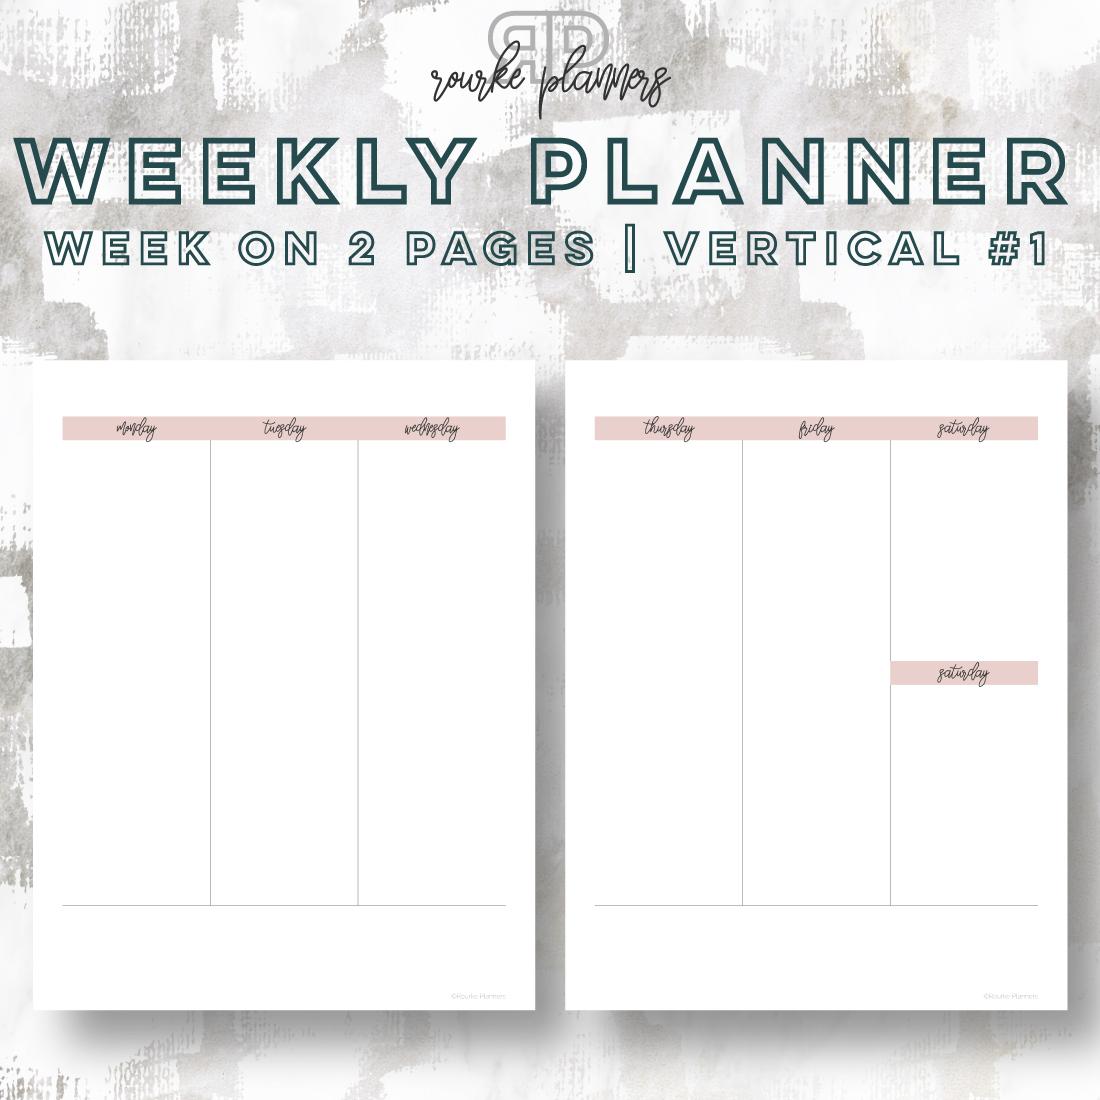 Weekly Vertical Planner #1 | Rourke Planners